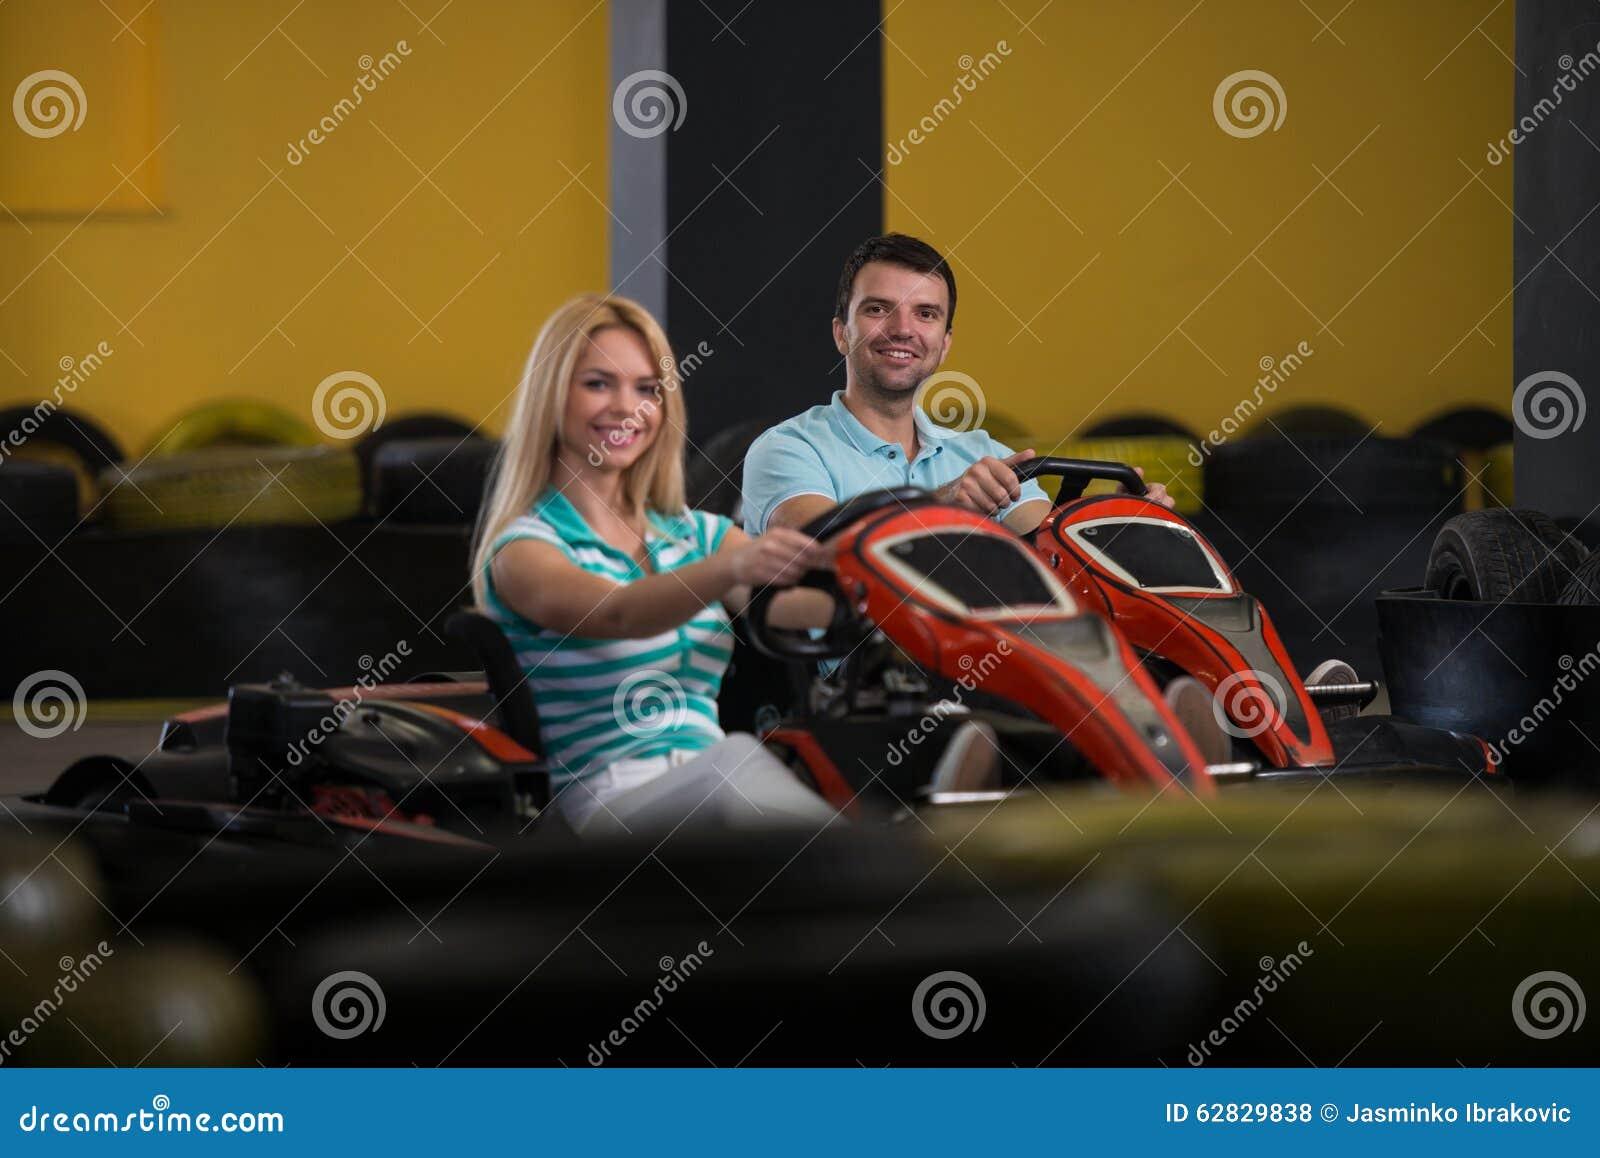 Les gens conduisent le kart avec la vitesse dans Karting